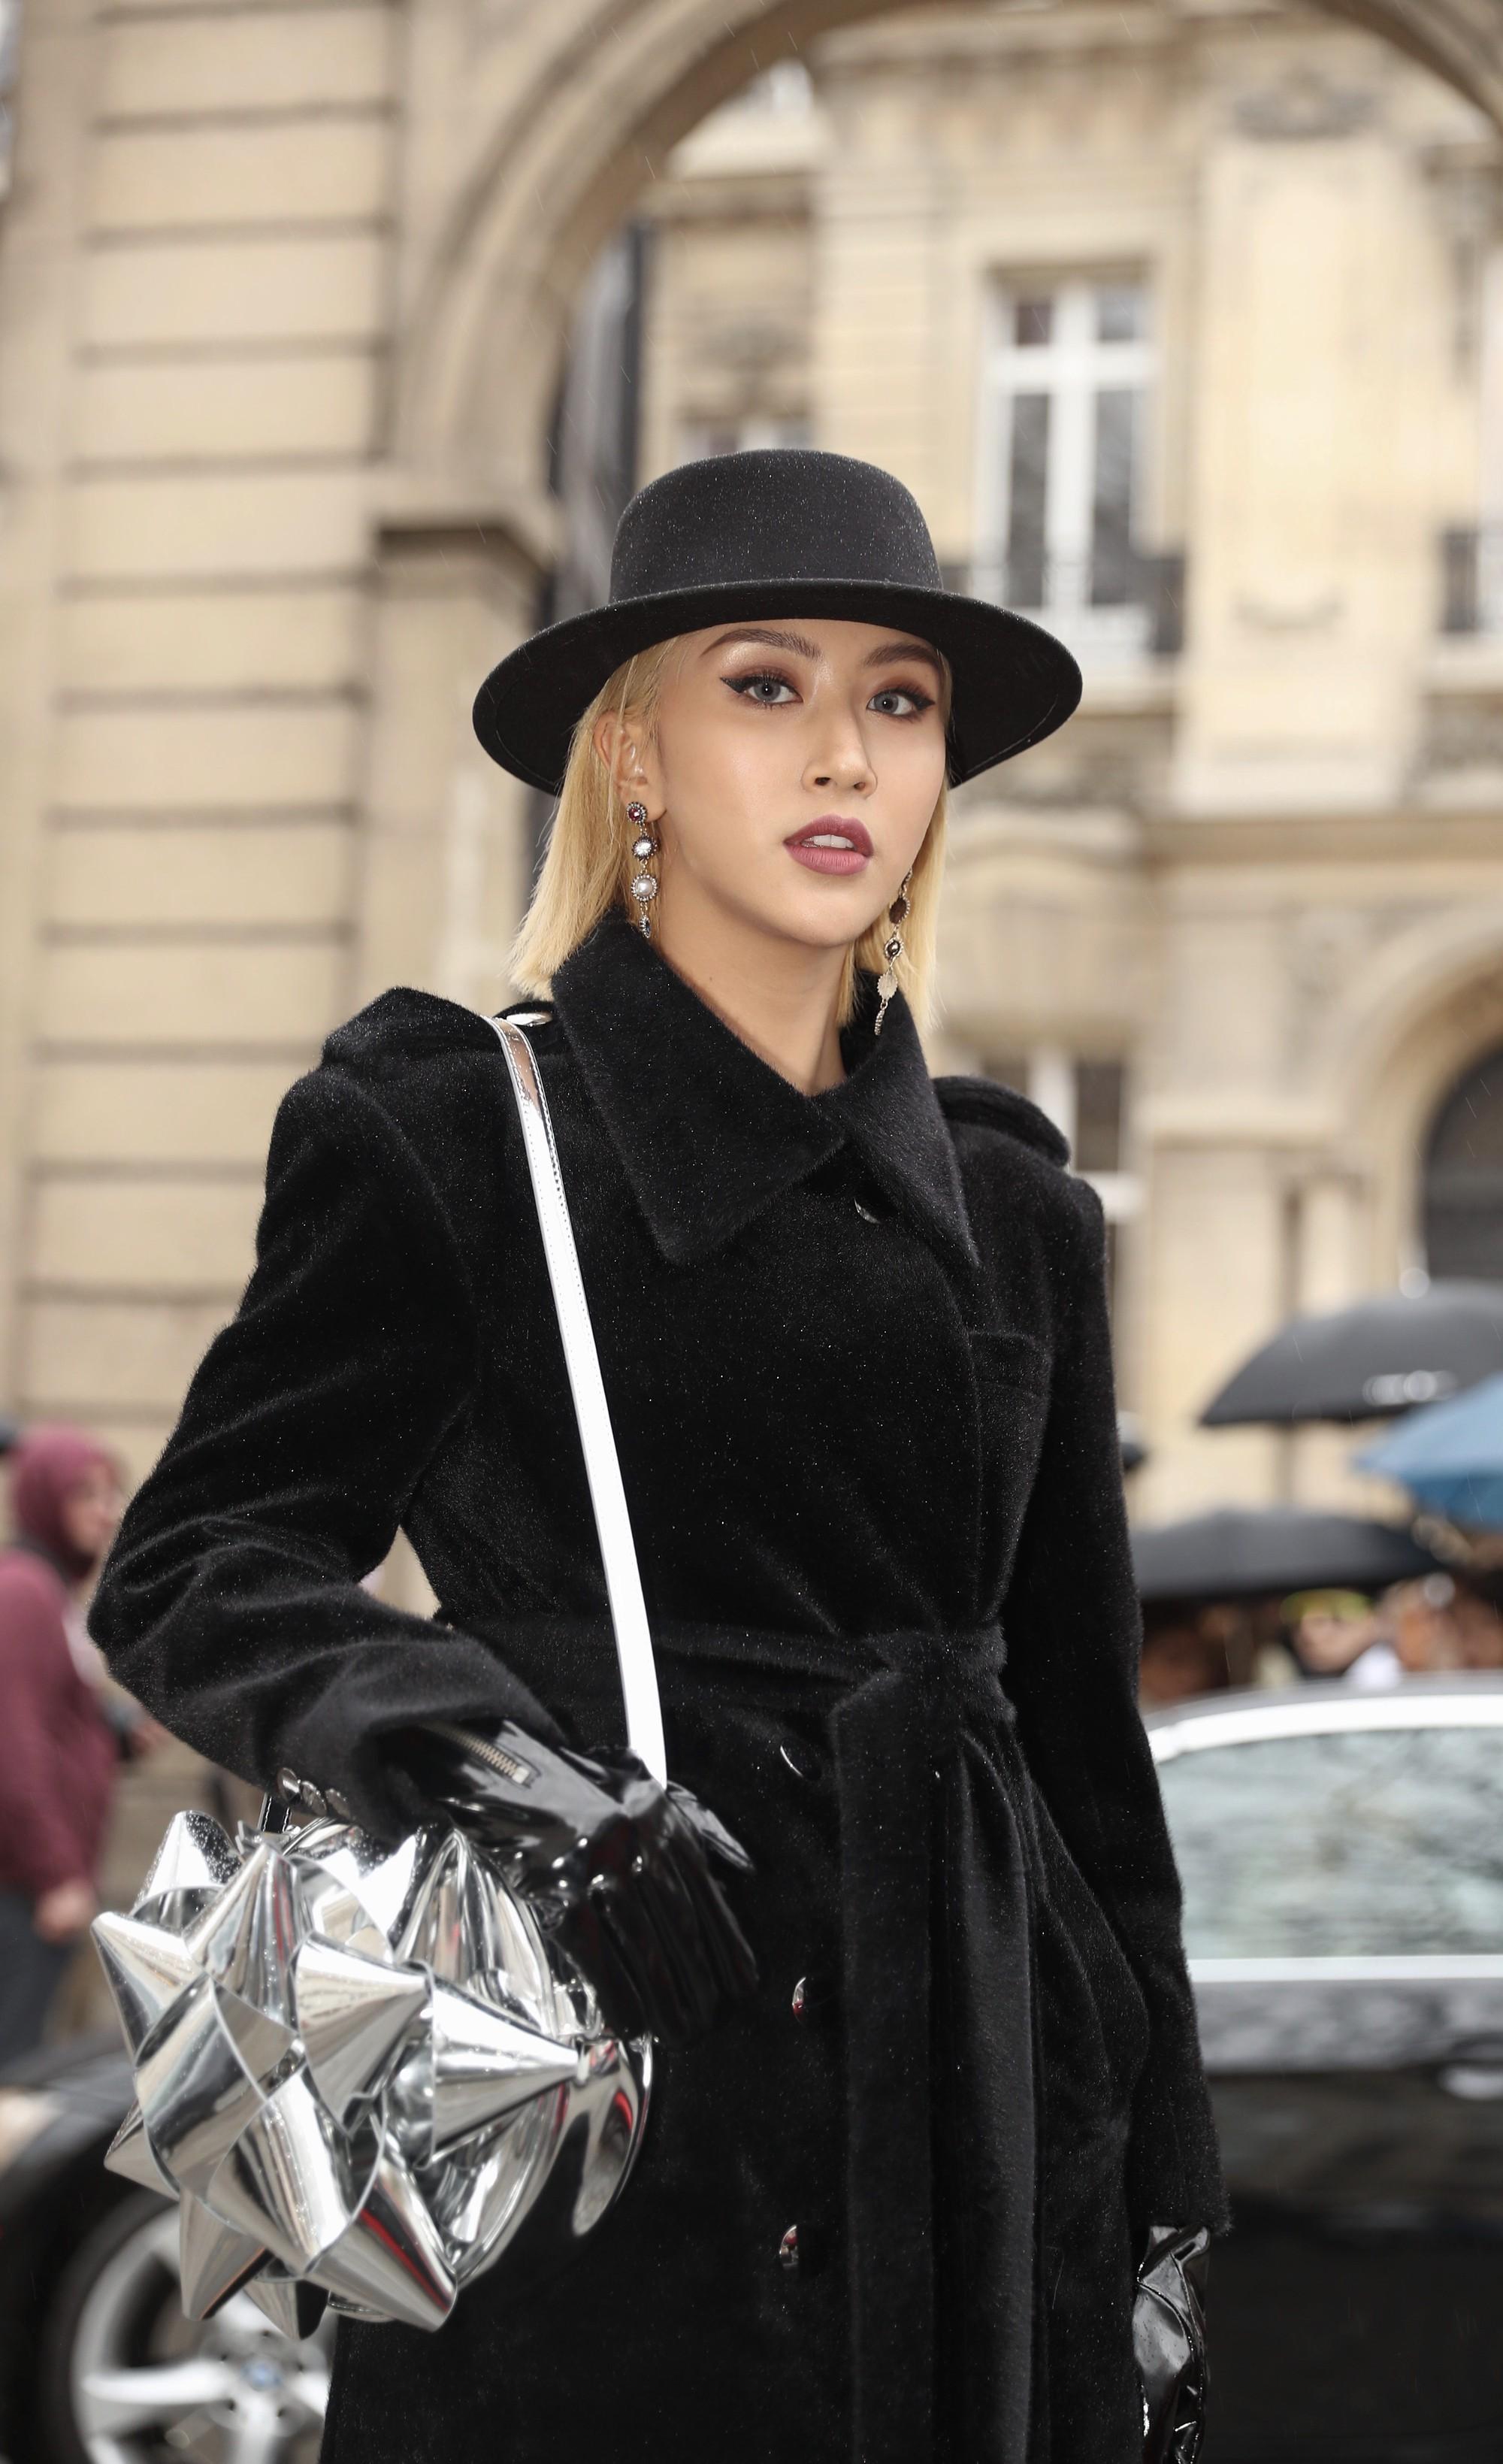 Xét khoản mặc dị tại Paris Fashion Week mùa này, Quỳnh Anh Shyn mà nhận hạng 2 chắc không ai dám làm số 1 - Ảnh 3.